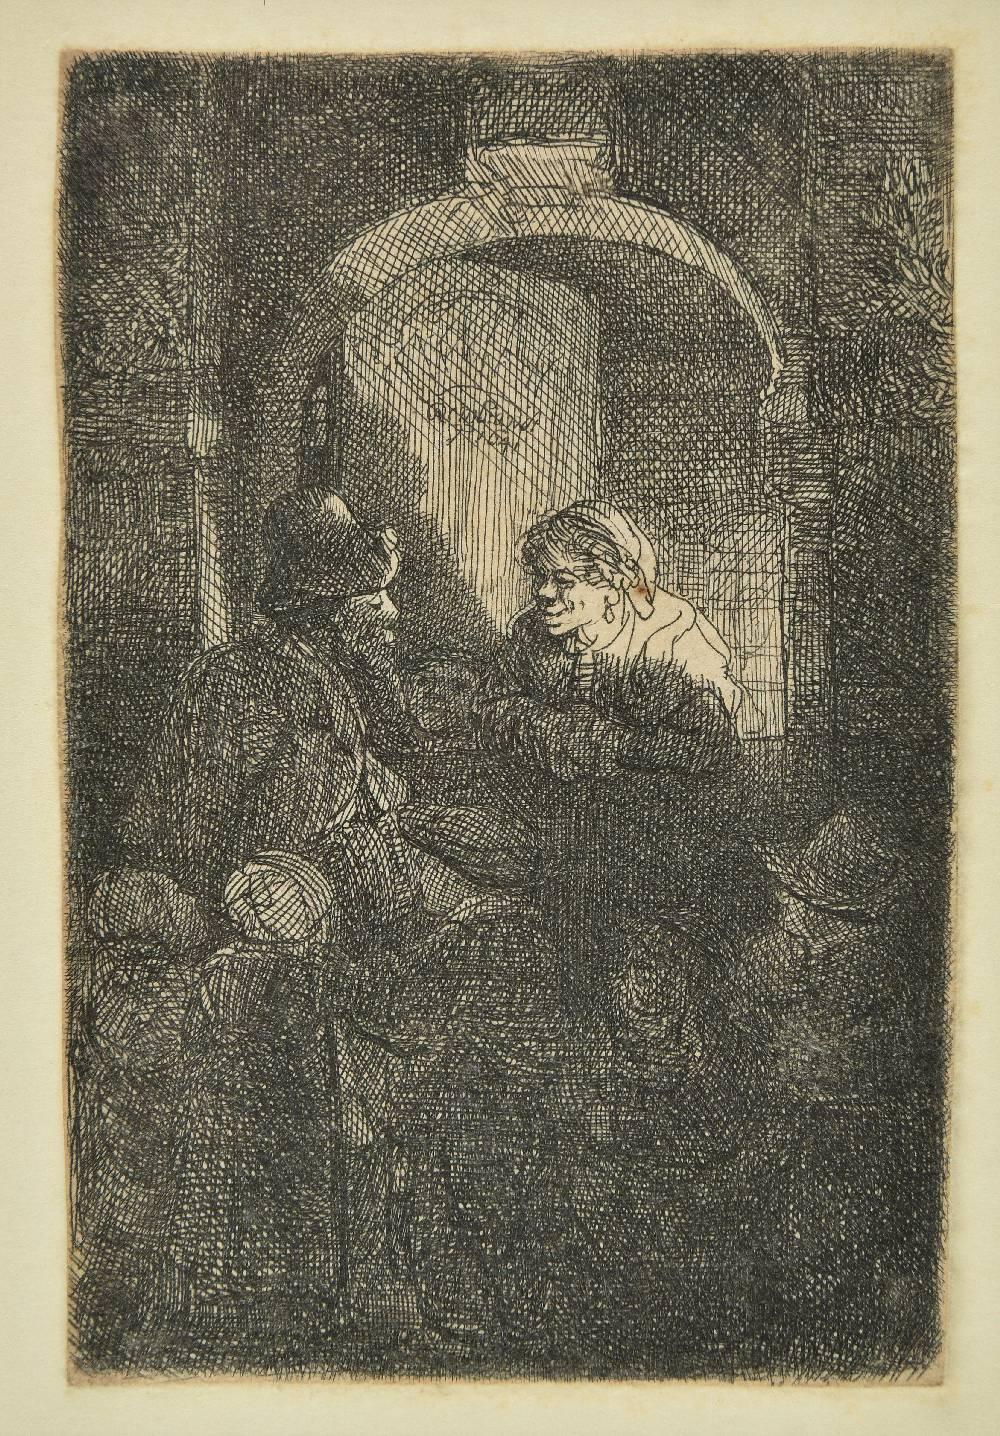 Lot 6 - *Rembrandt (Harmensz. van Rijn, 1606-1669). Woman at a door hatch talking to a man and children,